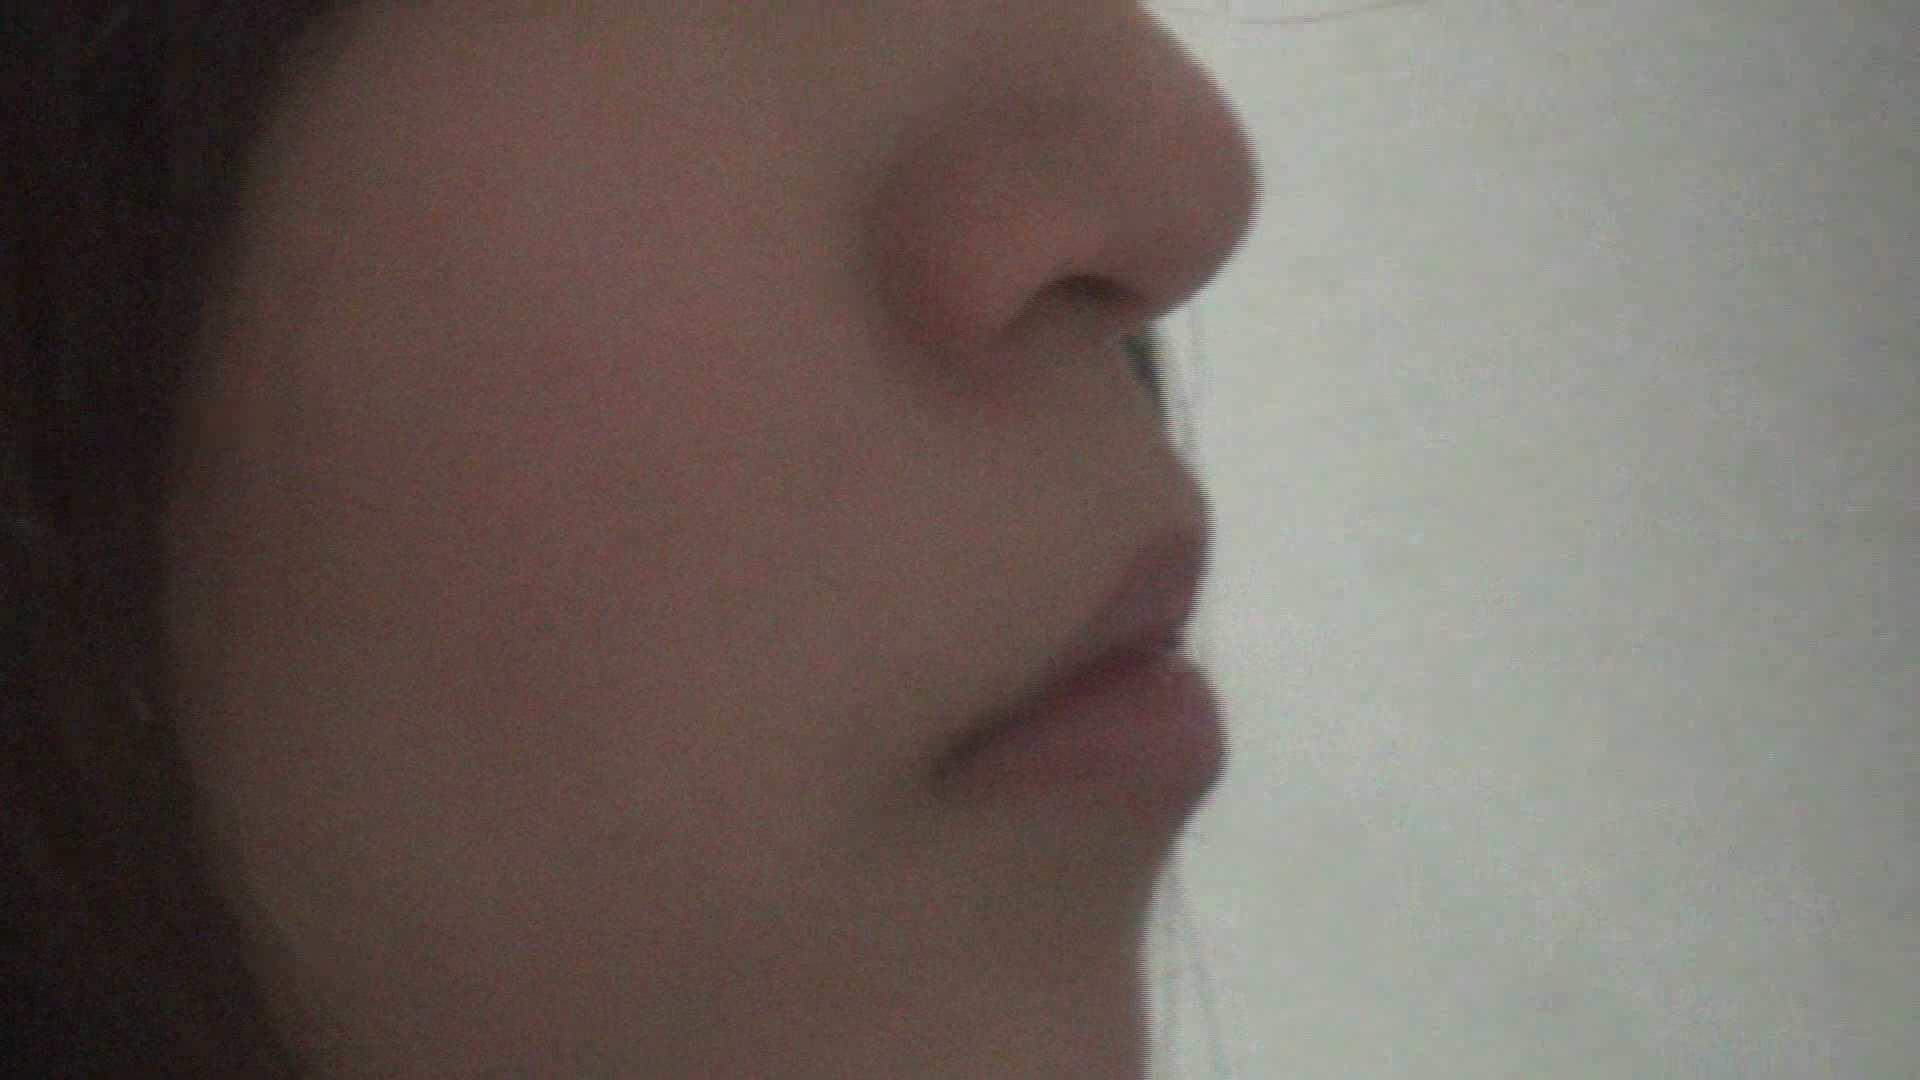 【05】仕事が忙しくて・・・久しぶりにベランダで待ち伏せ マンコ満開 ワレメ無修正動画無料 89PIX 86